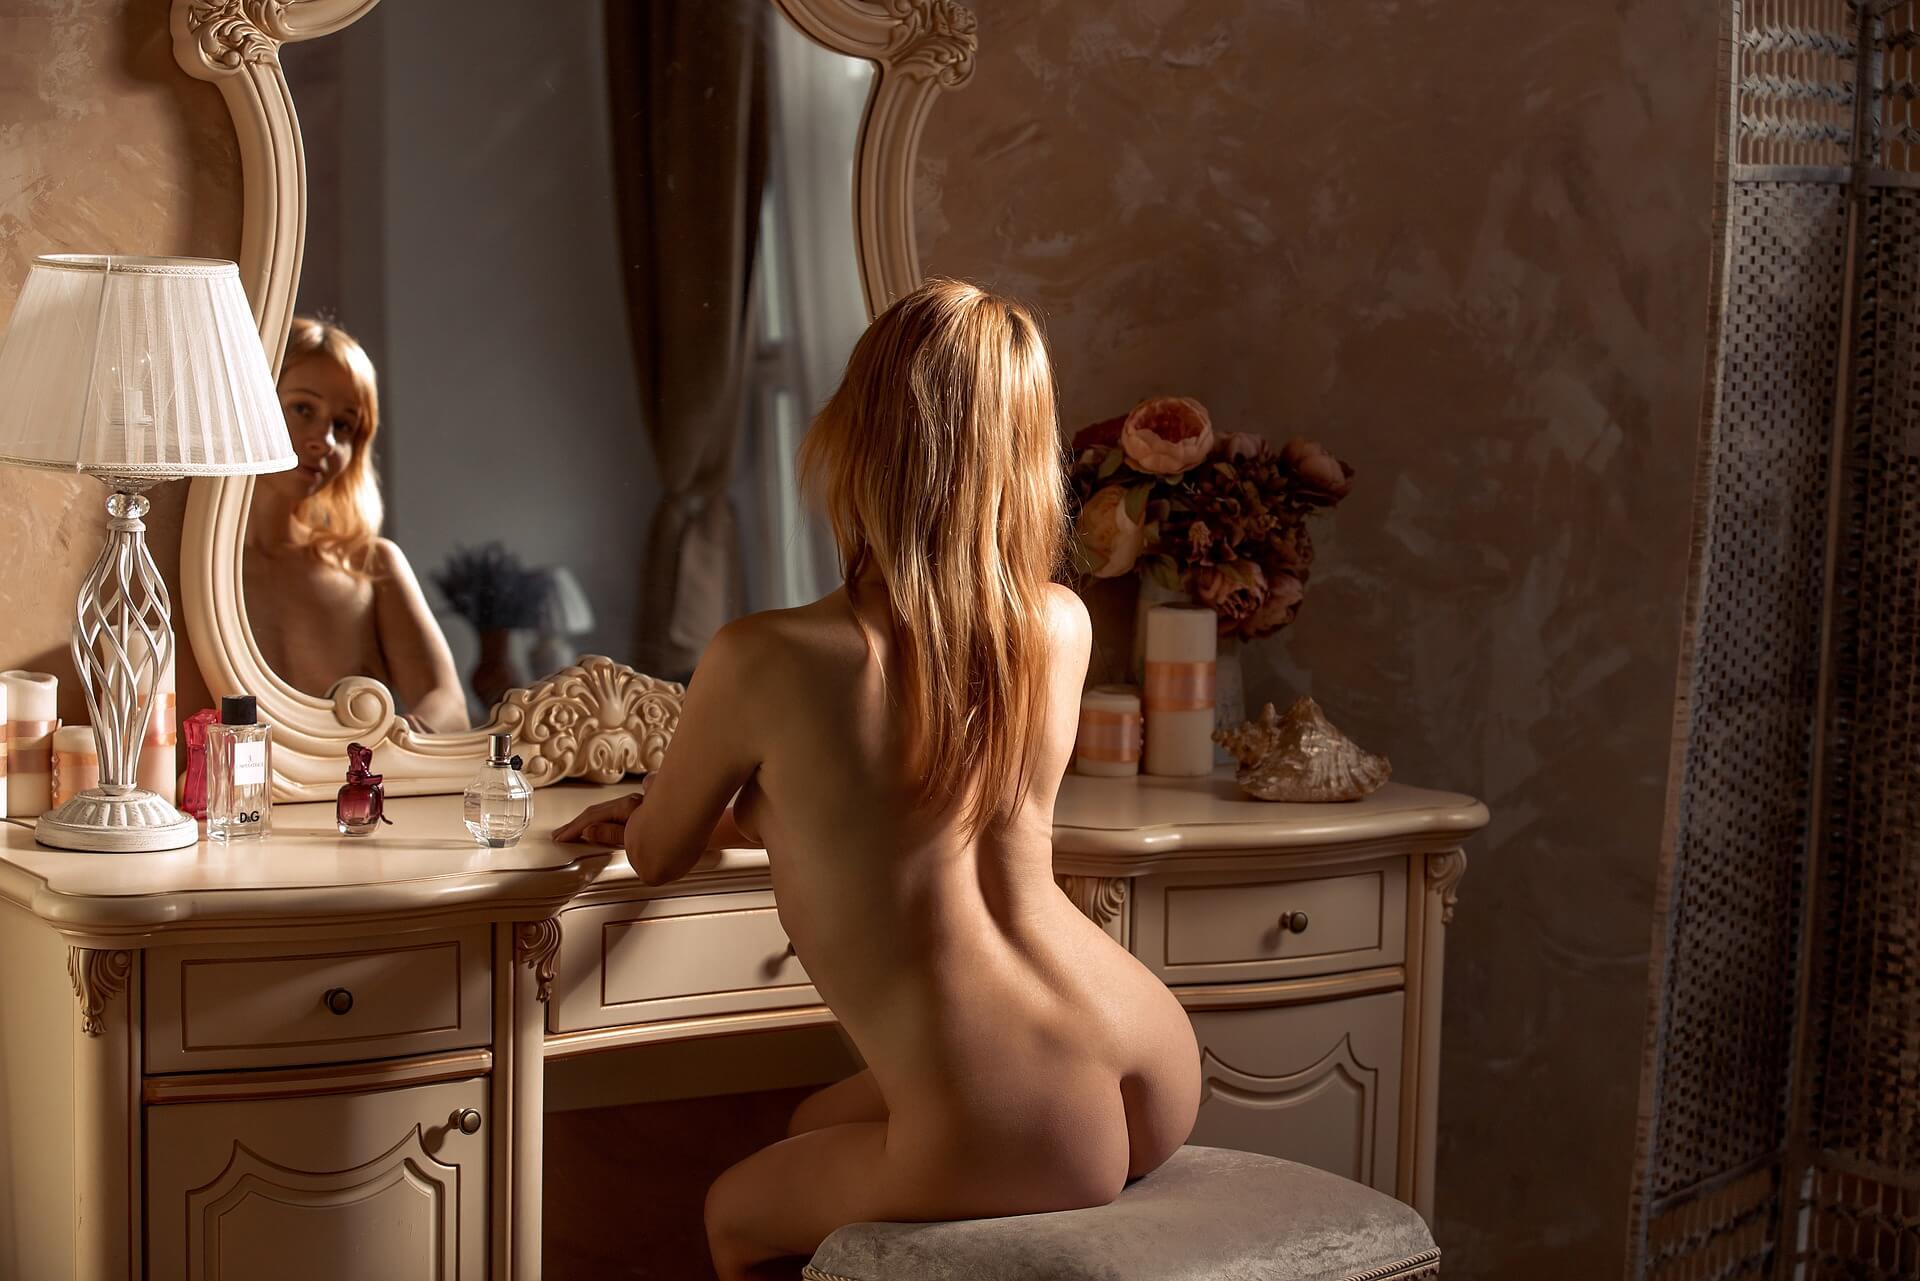 Pornodarstellerin werden MILF Spiegel